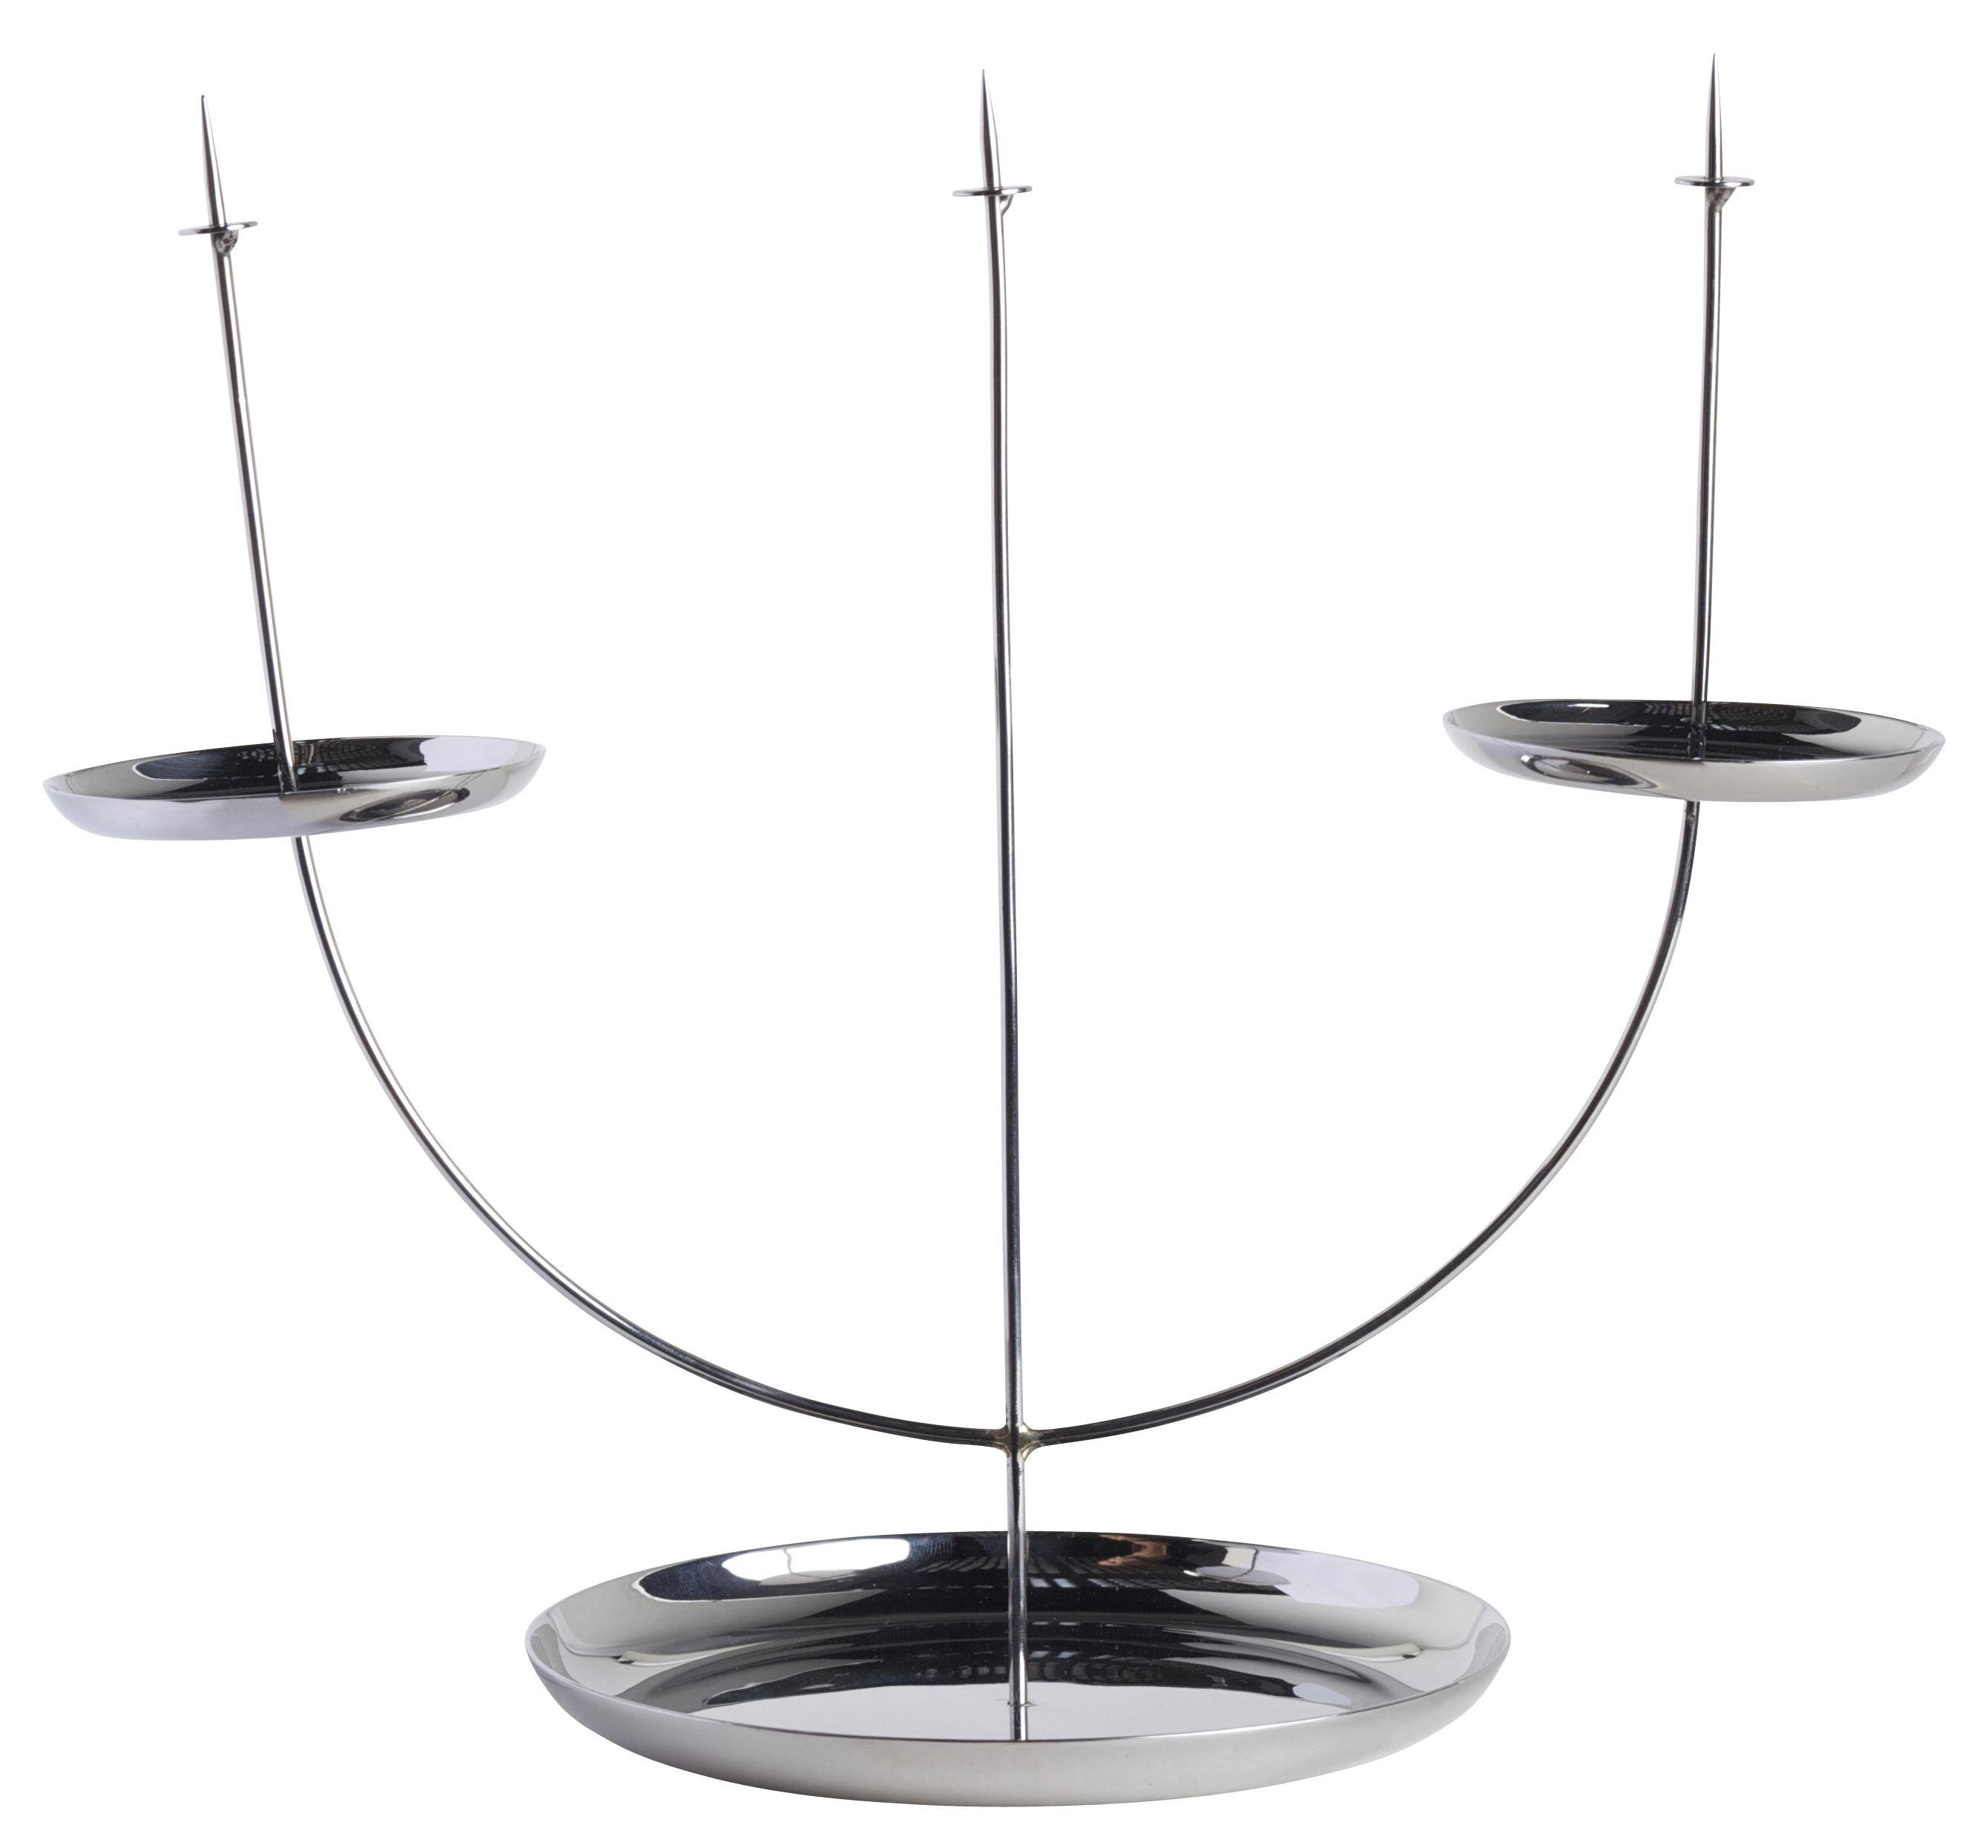 Dekoration - Kerzen, Kerzenleuchter und Windlichter - Candelabra pin Kerzenleuchter - ENOstudio - Edelstahl - rostfreier Stahl